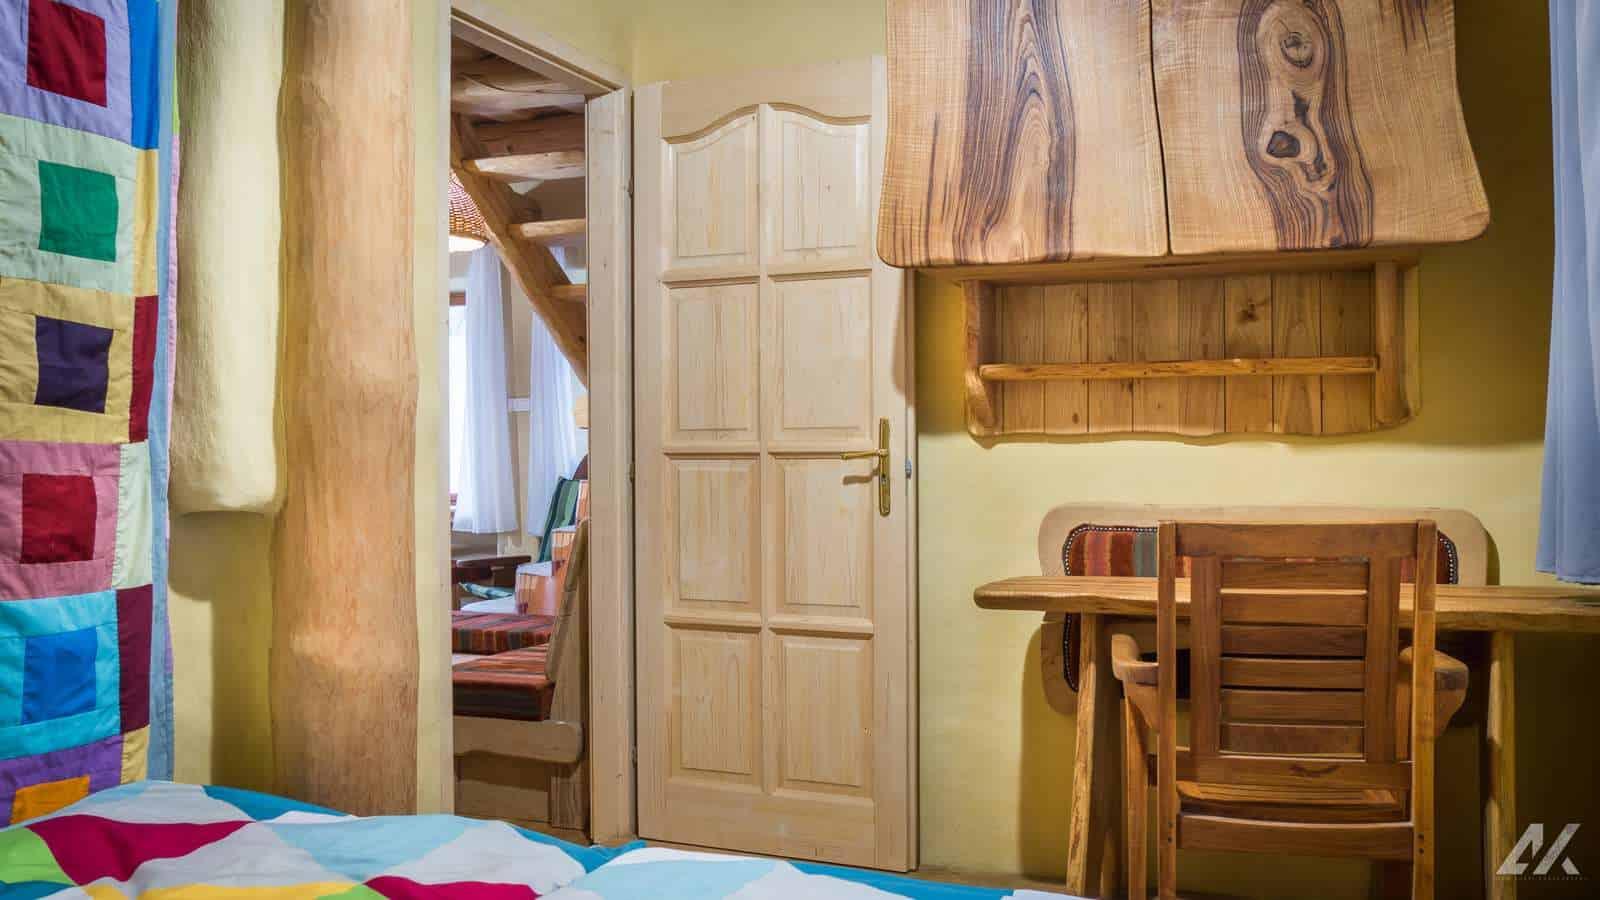 Kismélyvölgyi Vendégház - földszinti árnyas hálószoba - apartman Pécs